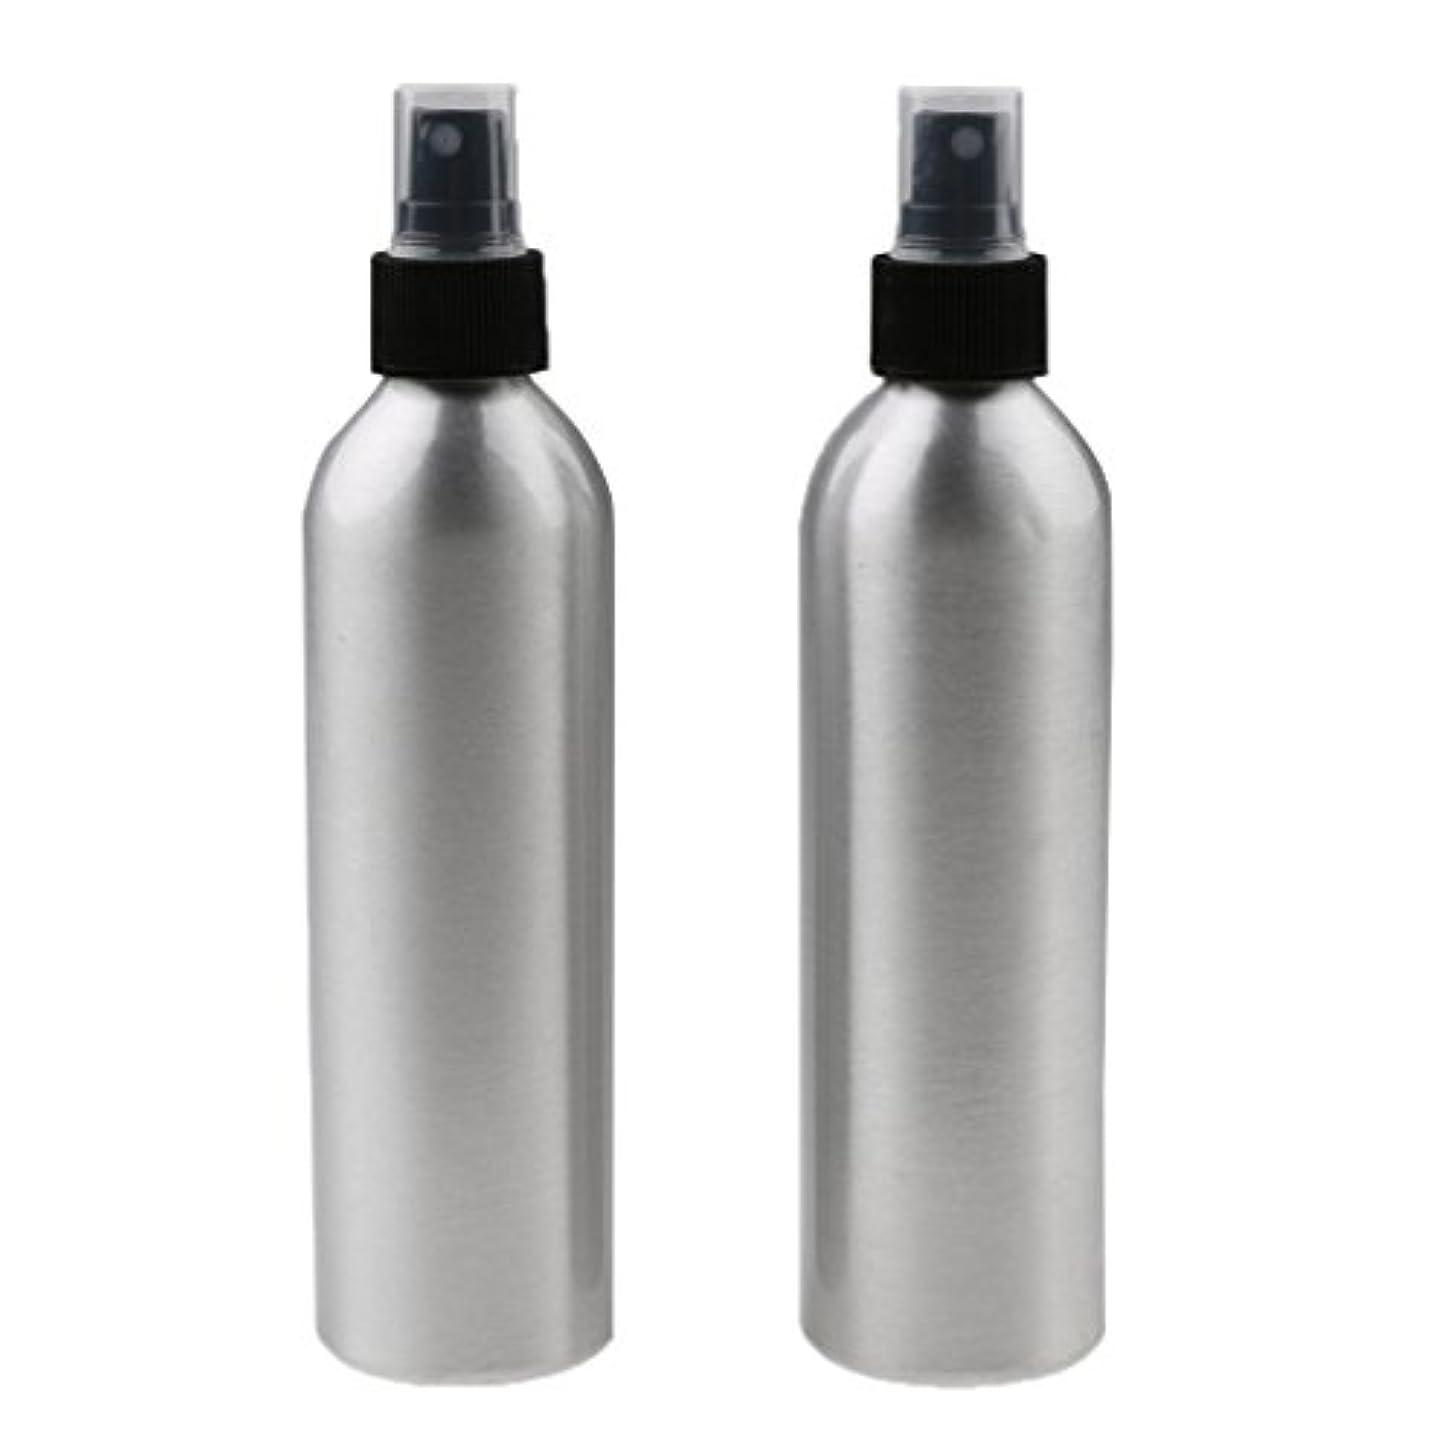 彼女診療所憂鬱Kesoto 2個入り 旅行 アルミ ミスト スプレー 香水ボトル メイクアップ スプレー アトマイザー 女性用 美容 小物 軽量 持ち運び便利 全4サイズ - 50ml